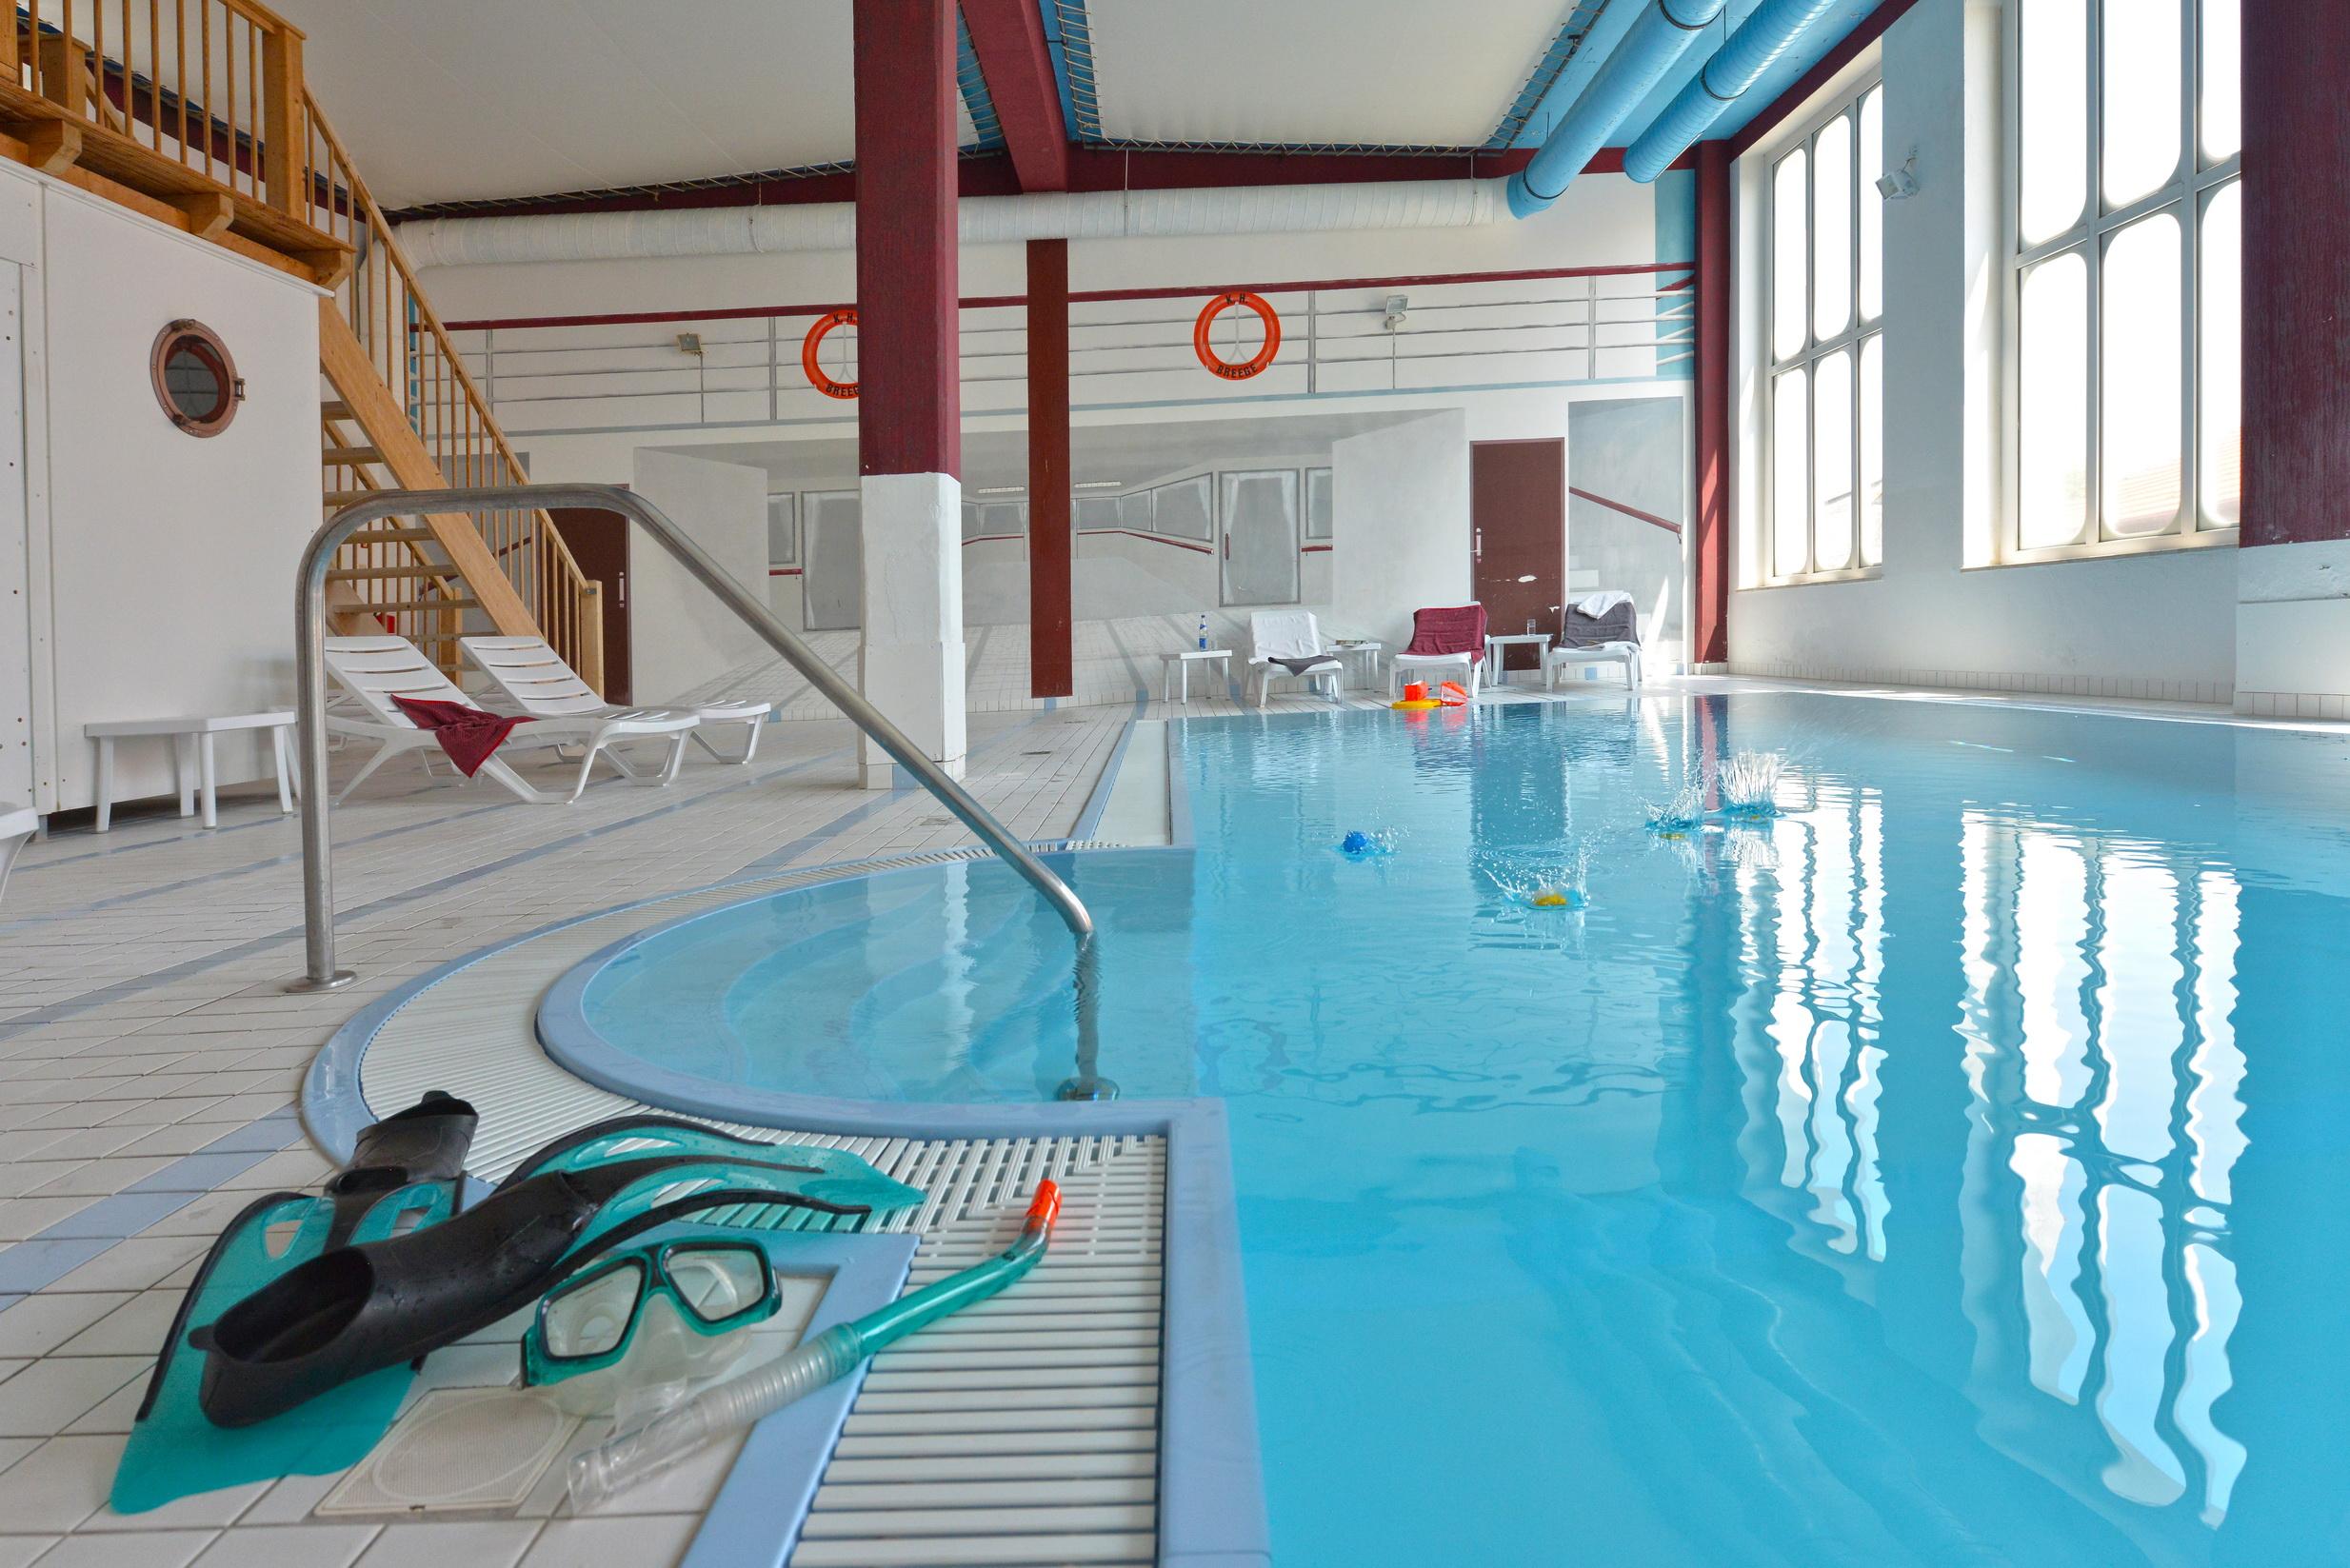 Hotel ferienwohnung auf r gen mit schwimmbad und sauna for Hotel munster mit schwimmbad